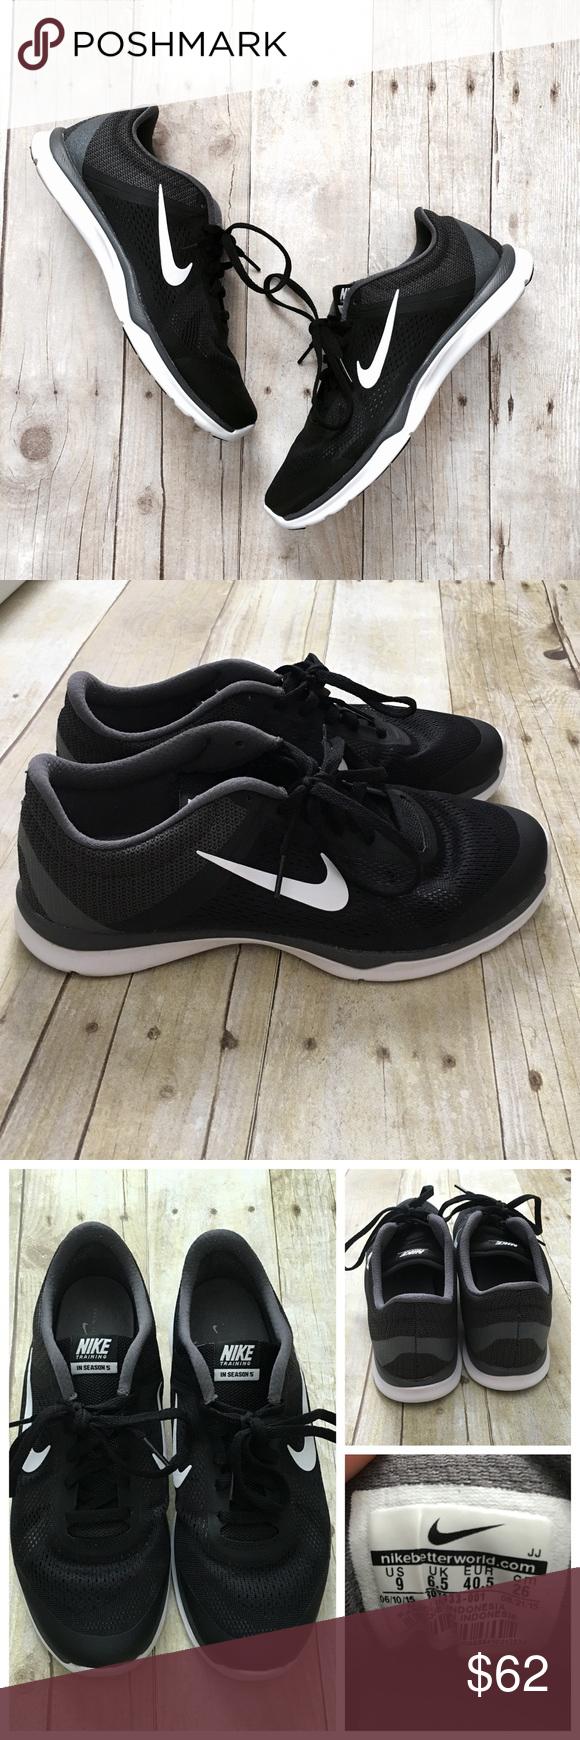 Nike Training En Zapatos La Temporada 5 Athletic Zapatos En Pinterest Ropa 388a3b